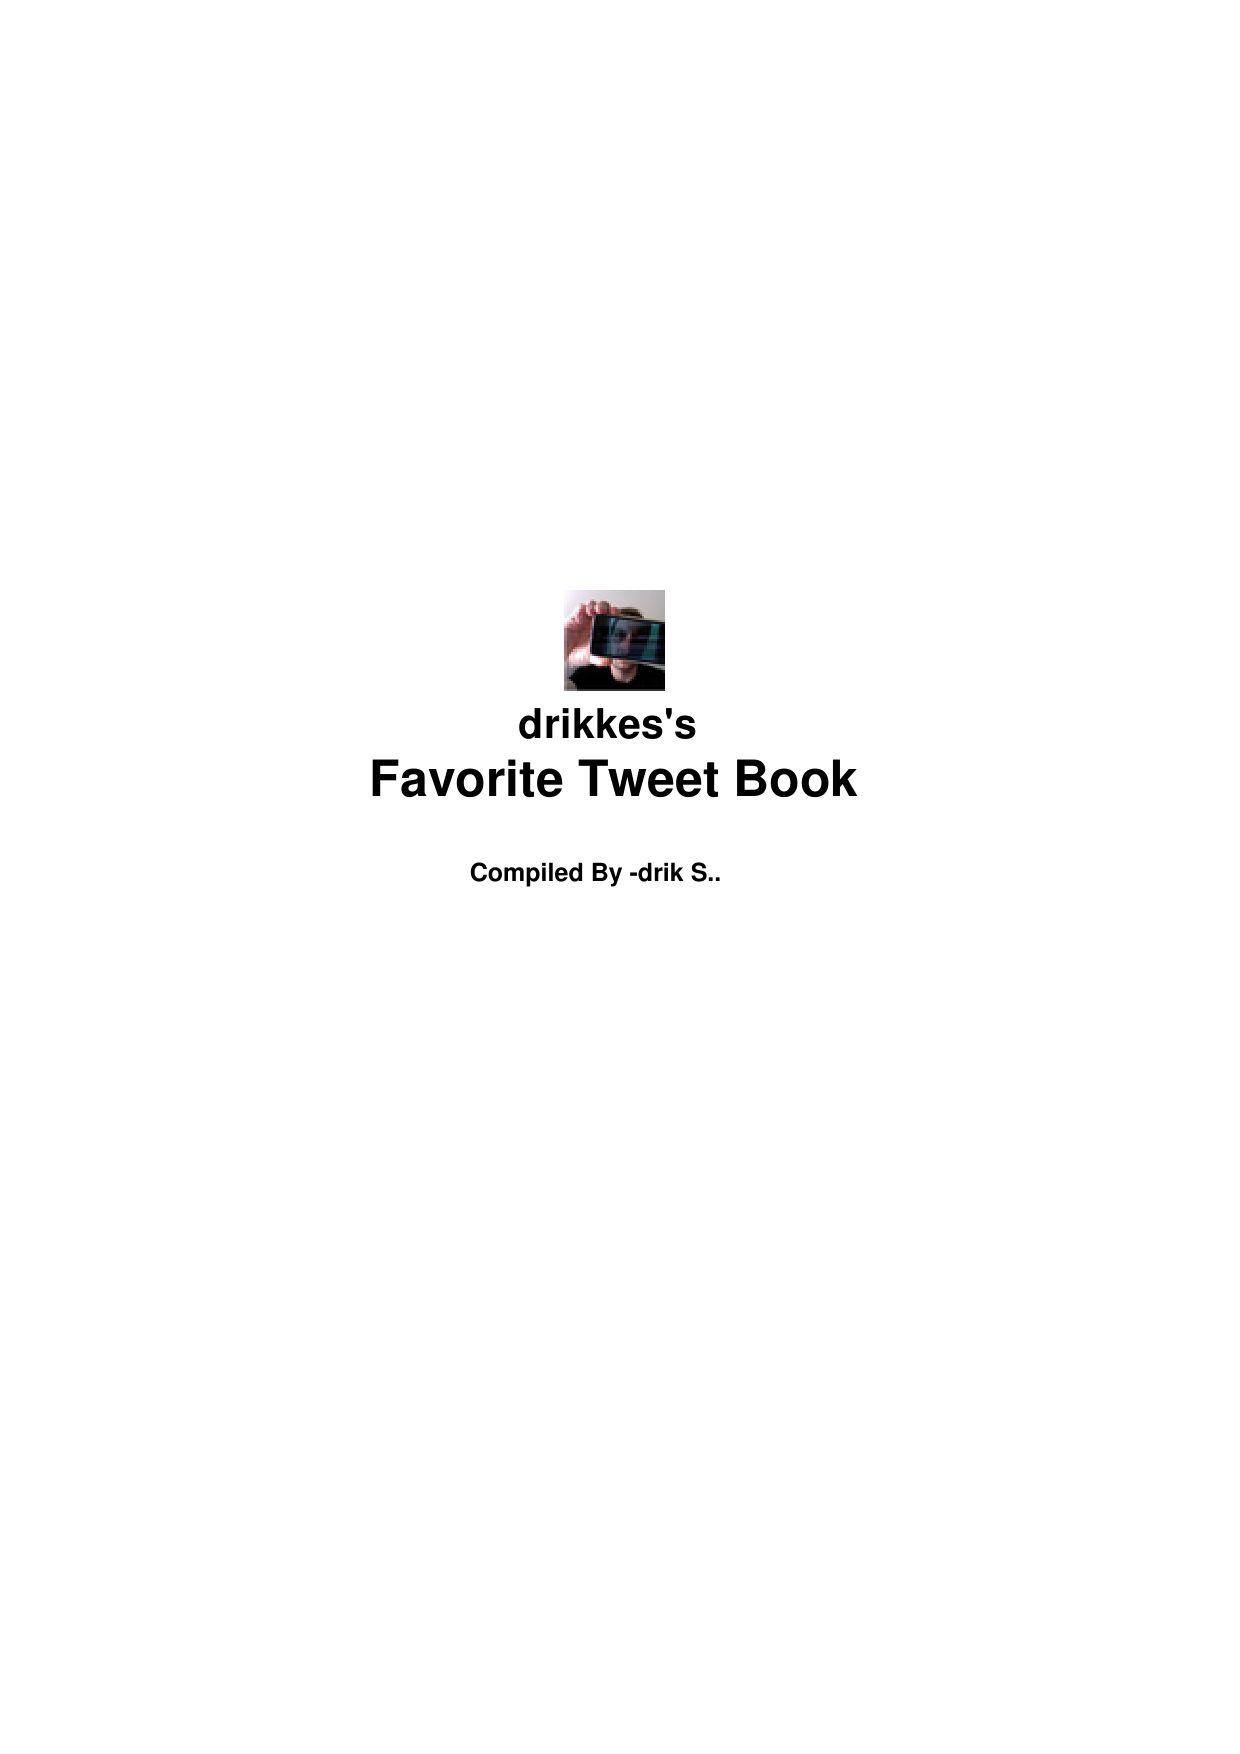 Tweets Tweets Faved Faved By By Drik SIssuu Tweets Drik Drik By SIssuu Faved n8XOw0PNk